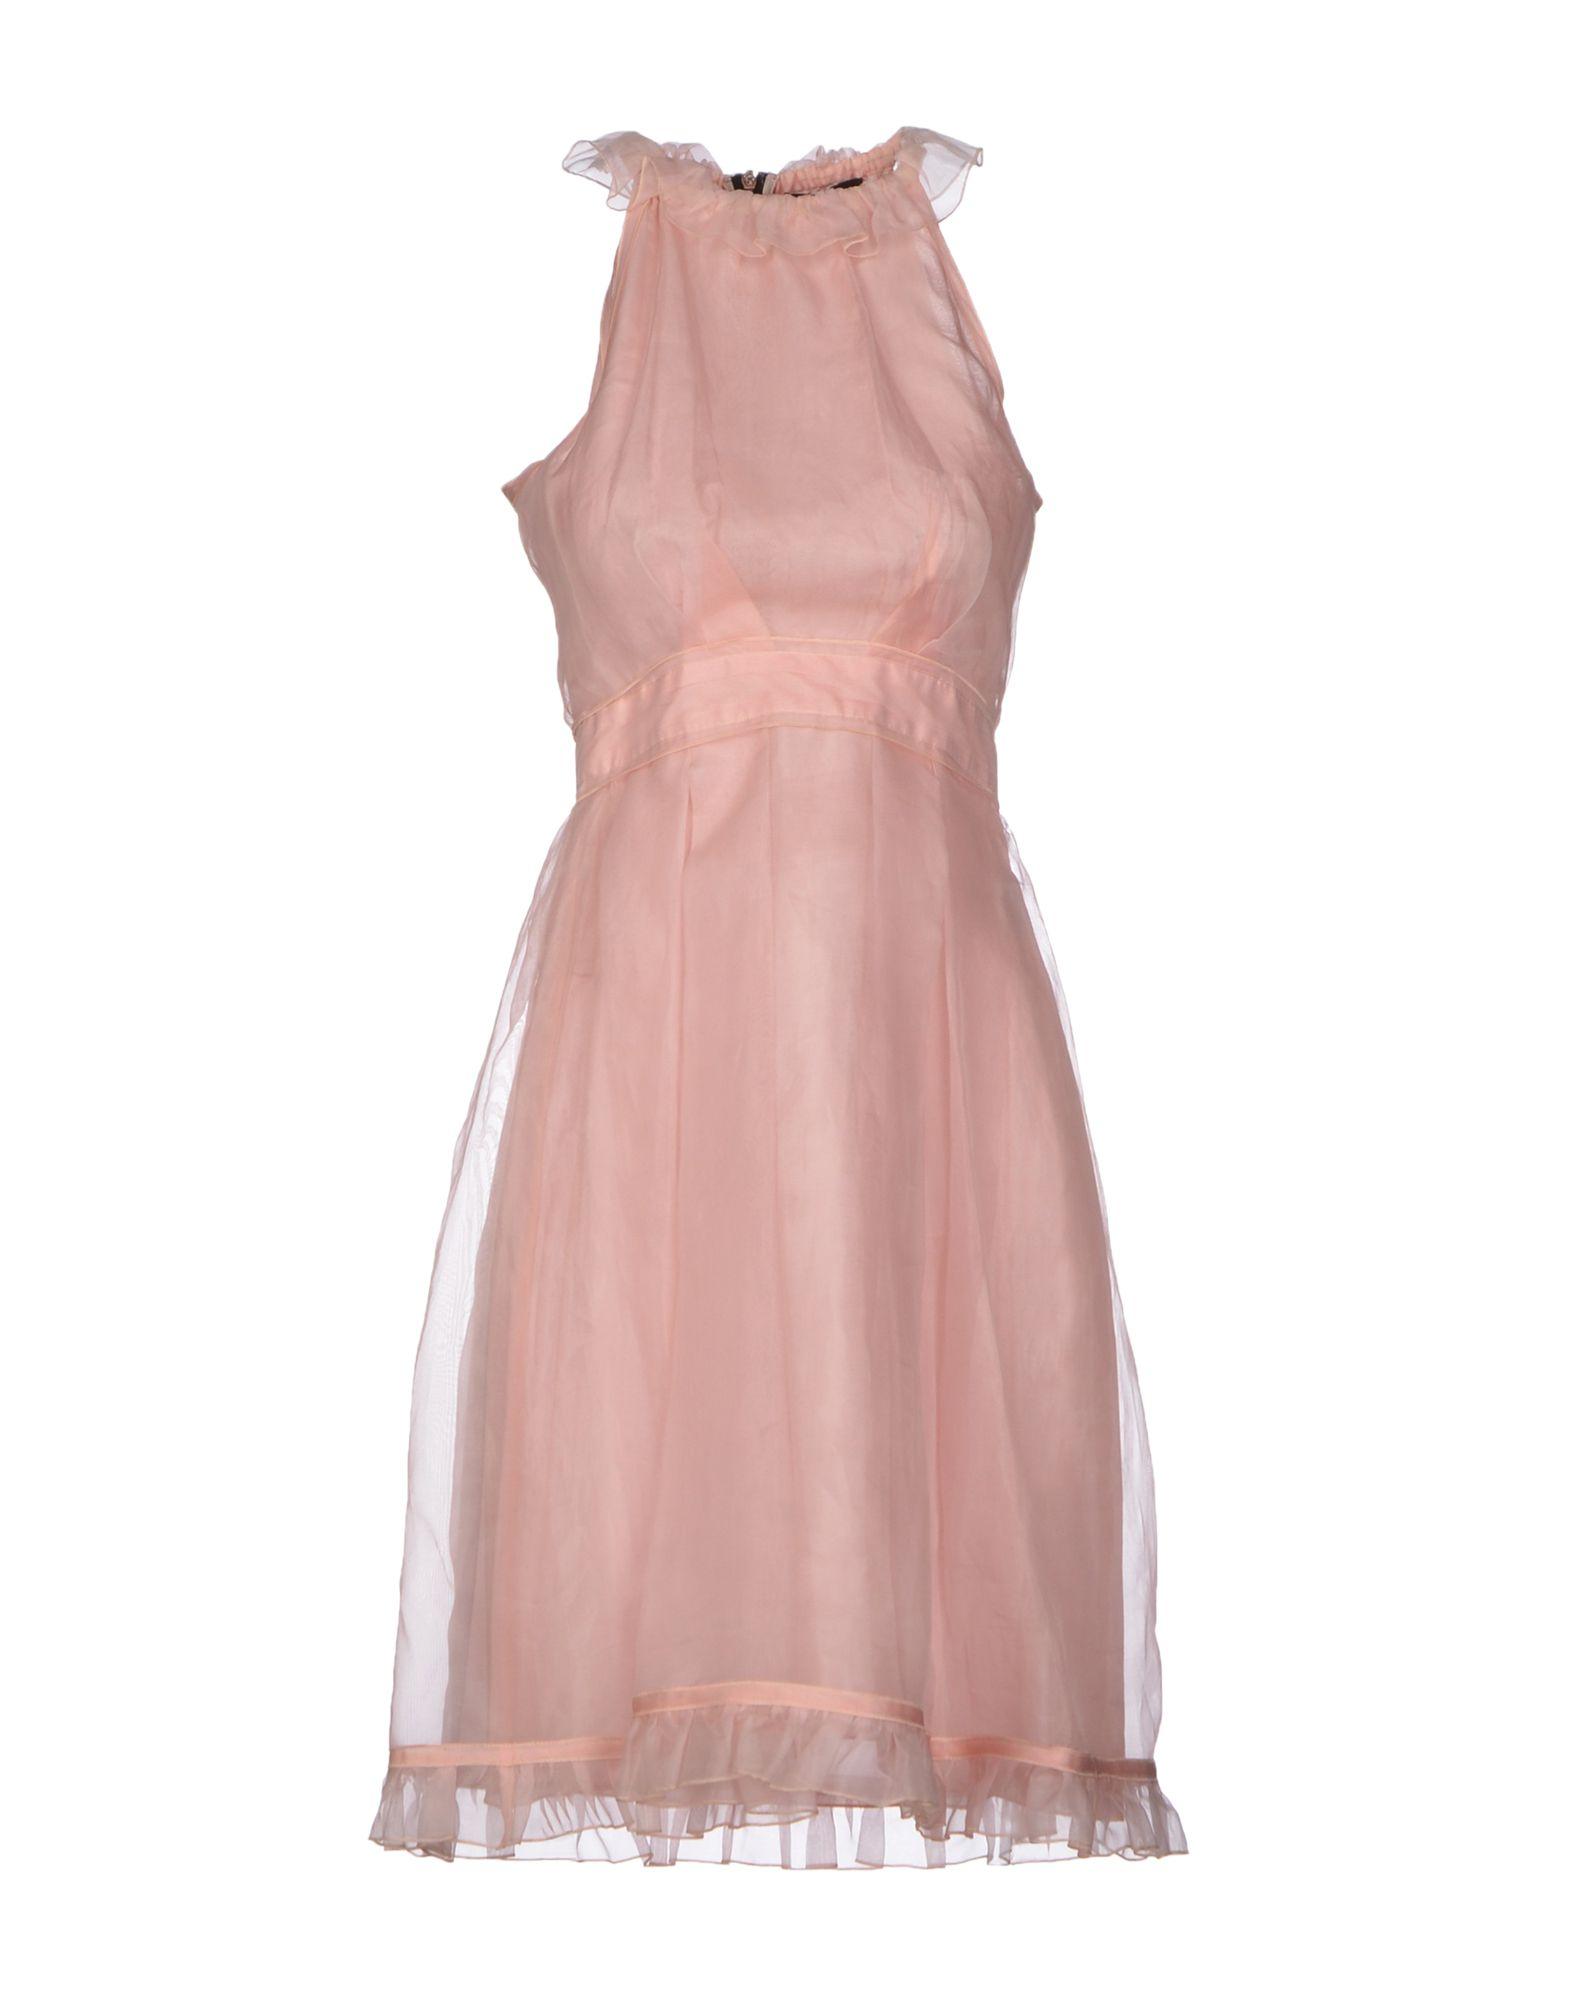 فستان بينك من دولتشي أند جابانا